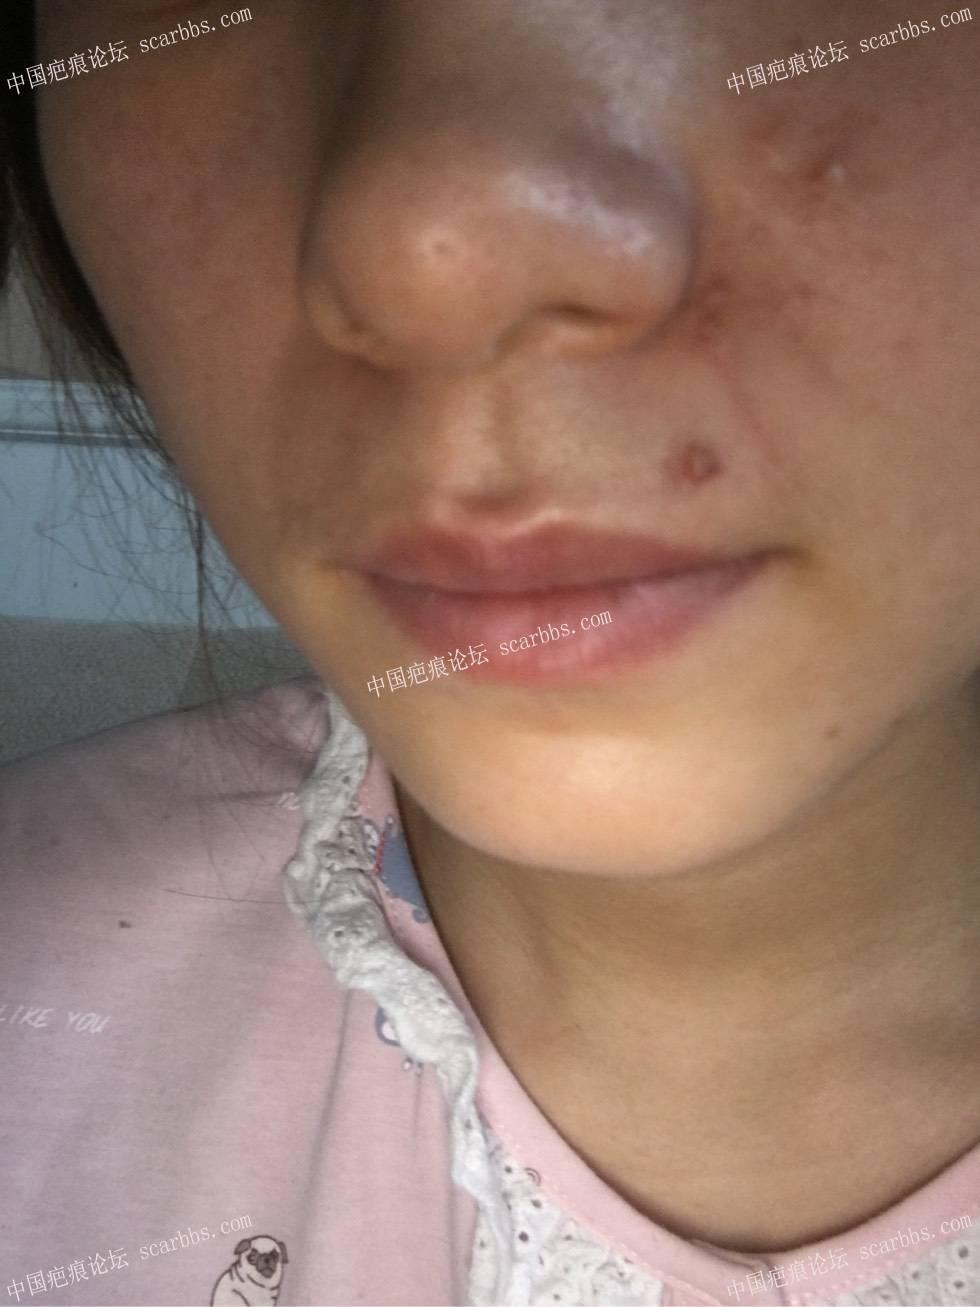 这个疤痕是疤痕疙瘩吗?71-疤痕体质图片_疤痕疙瘩图片-中国疤痕论坛